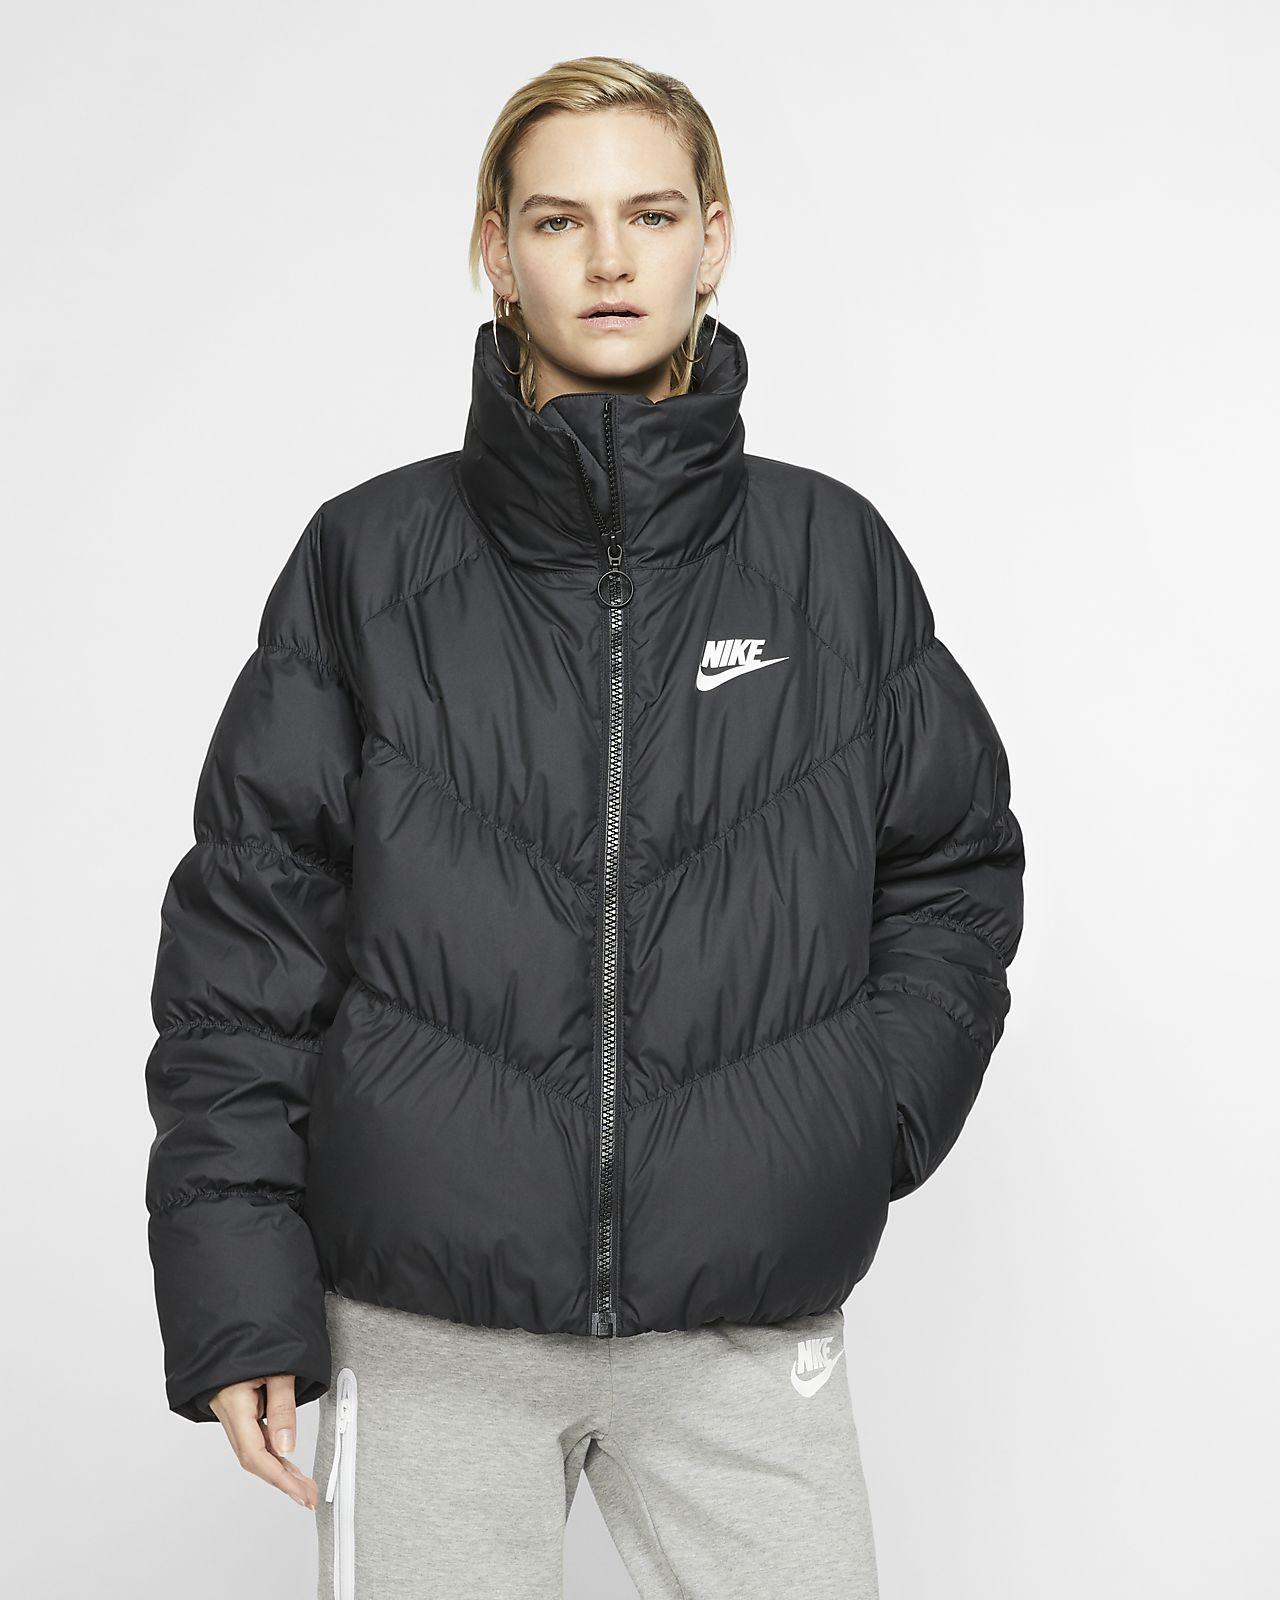 erbjuda rabatter Bra 2018 skor Jacka Nike Sportswear för kvinnor. Nike SE